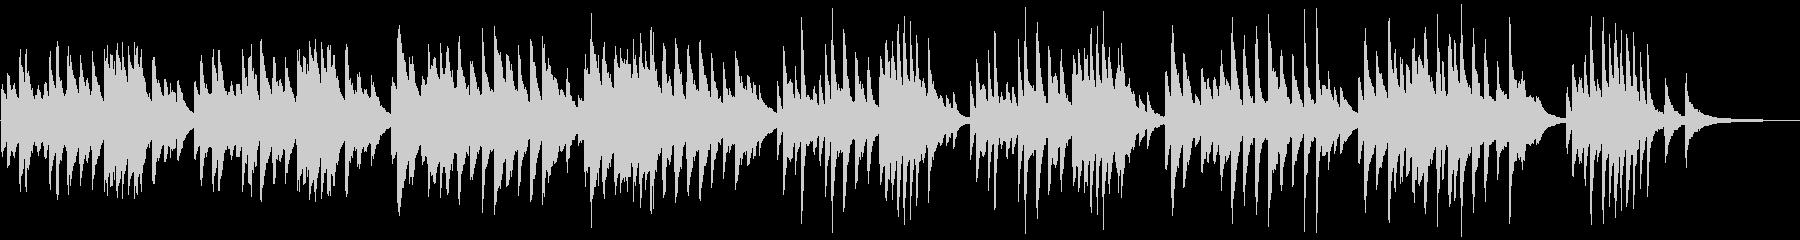 春をイメージしたピアノBGMの未再生の波形